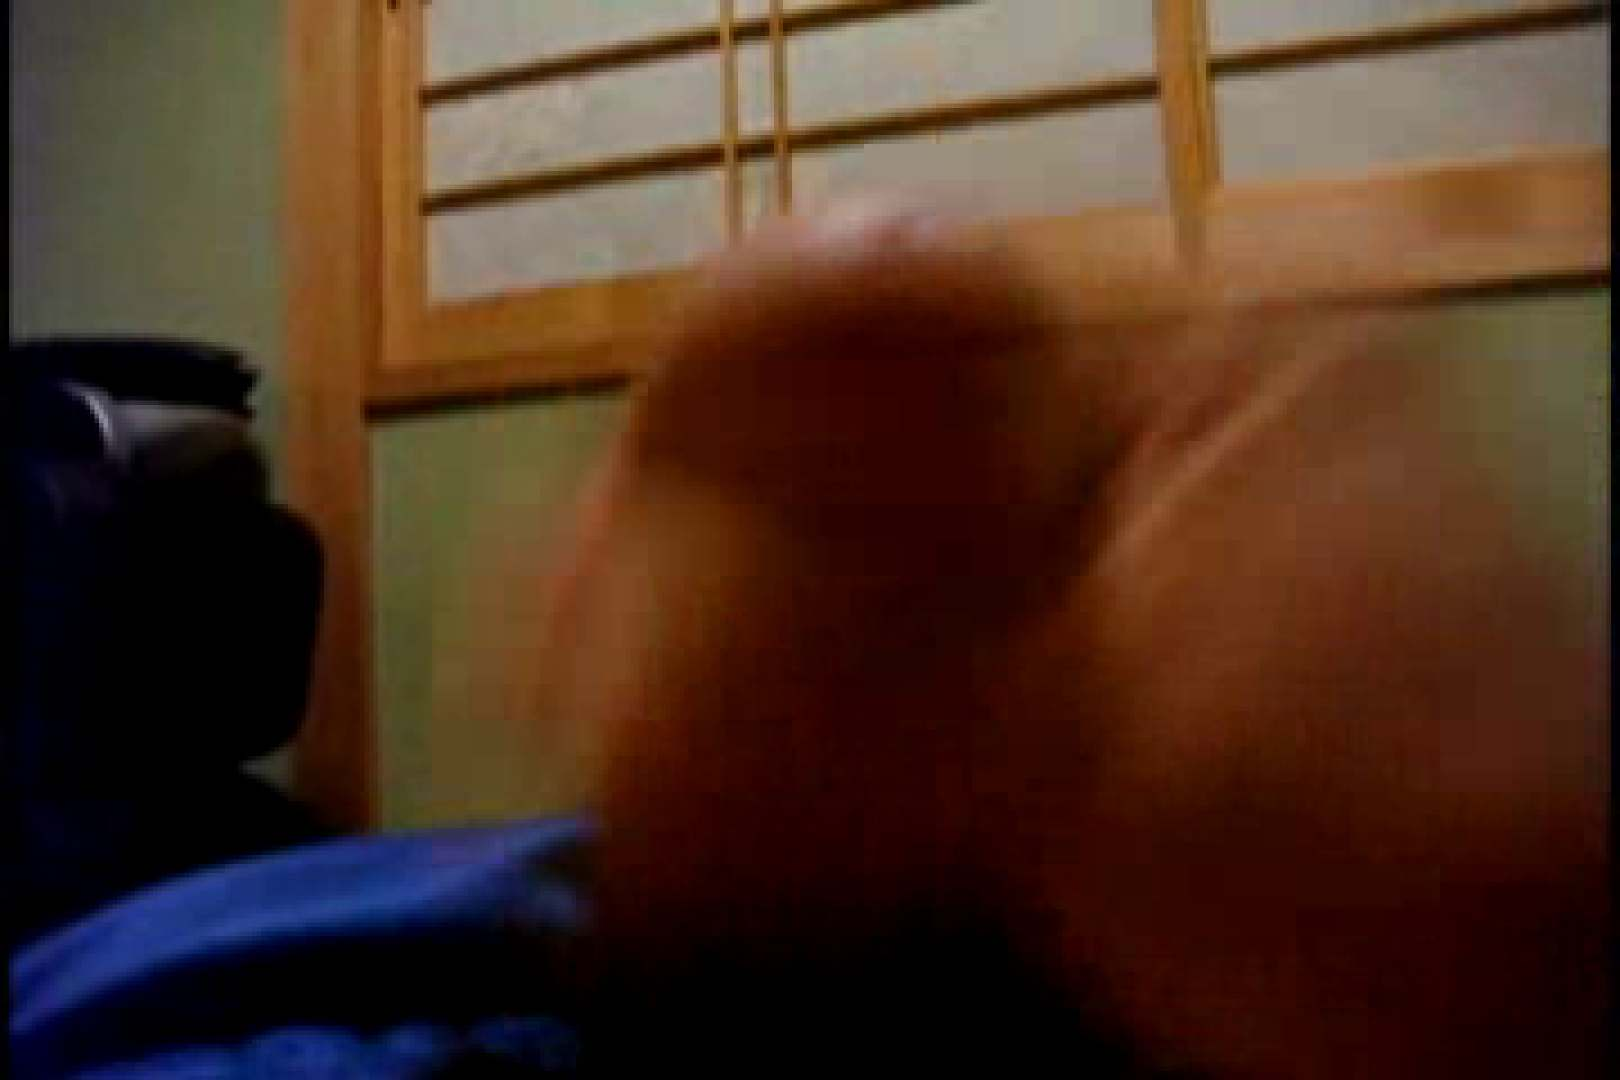 オナ好きノンケテニス部員の自画撮り投稿vol.02 射精 GAY無修正エロ動画 76枚 42